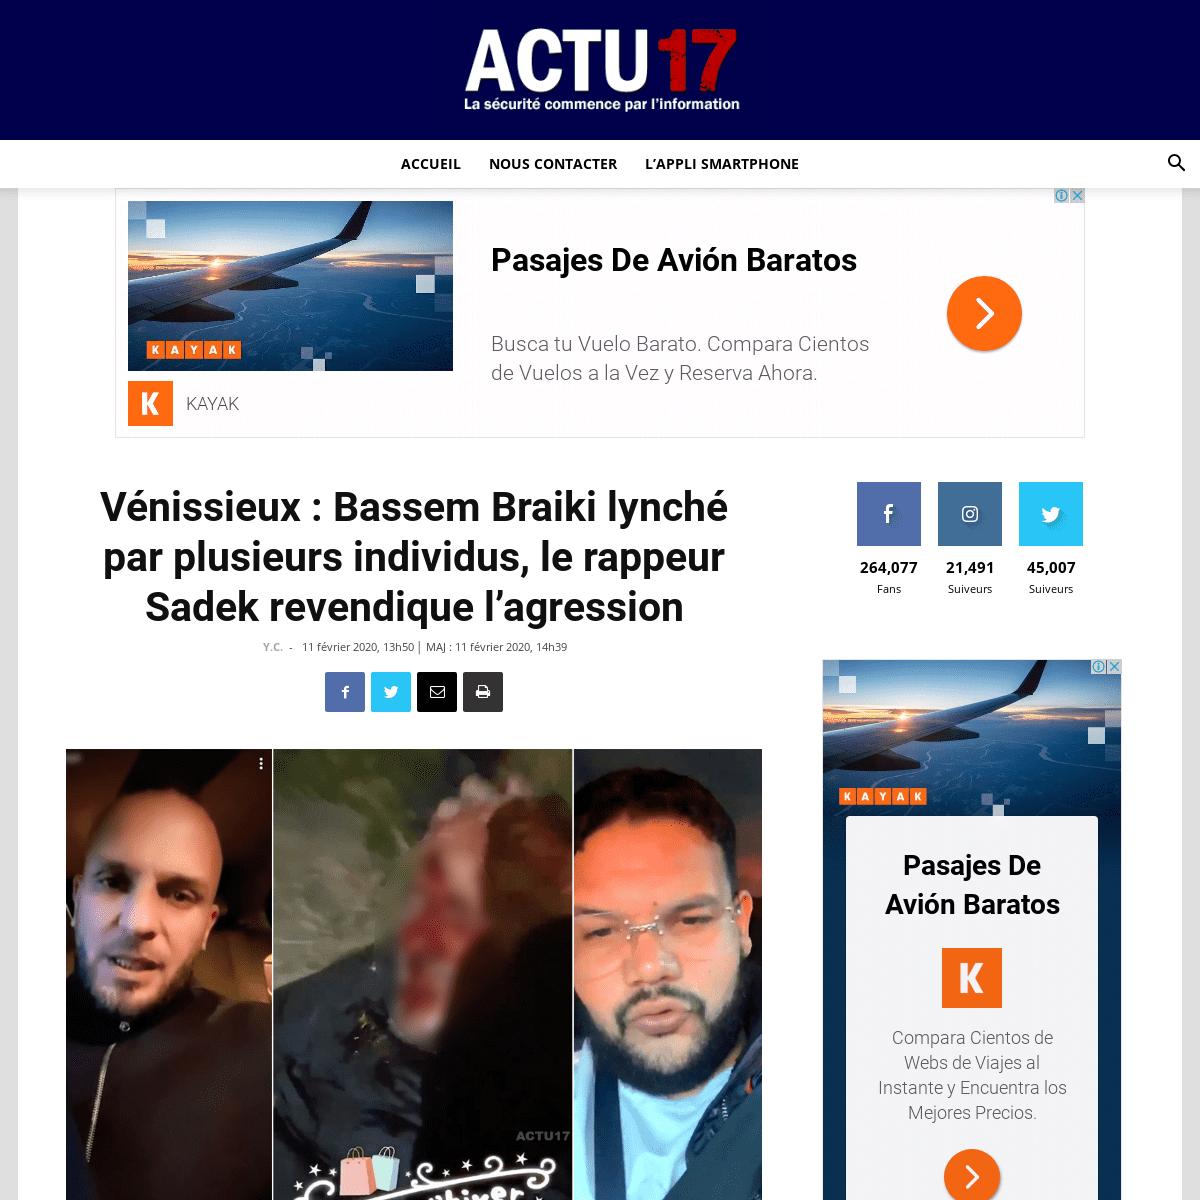 Vénissieux - Bassem Braiki lynché par plusieurs individus, le rappeur Sadek revendique l'agression